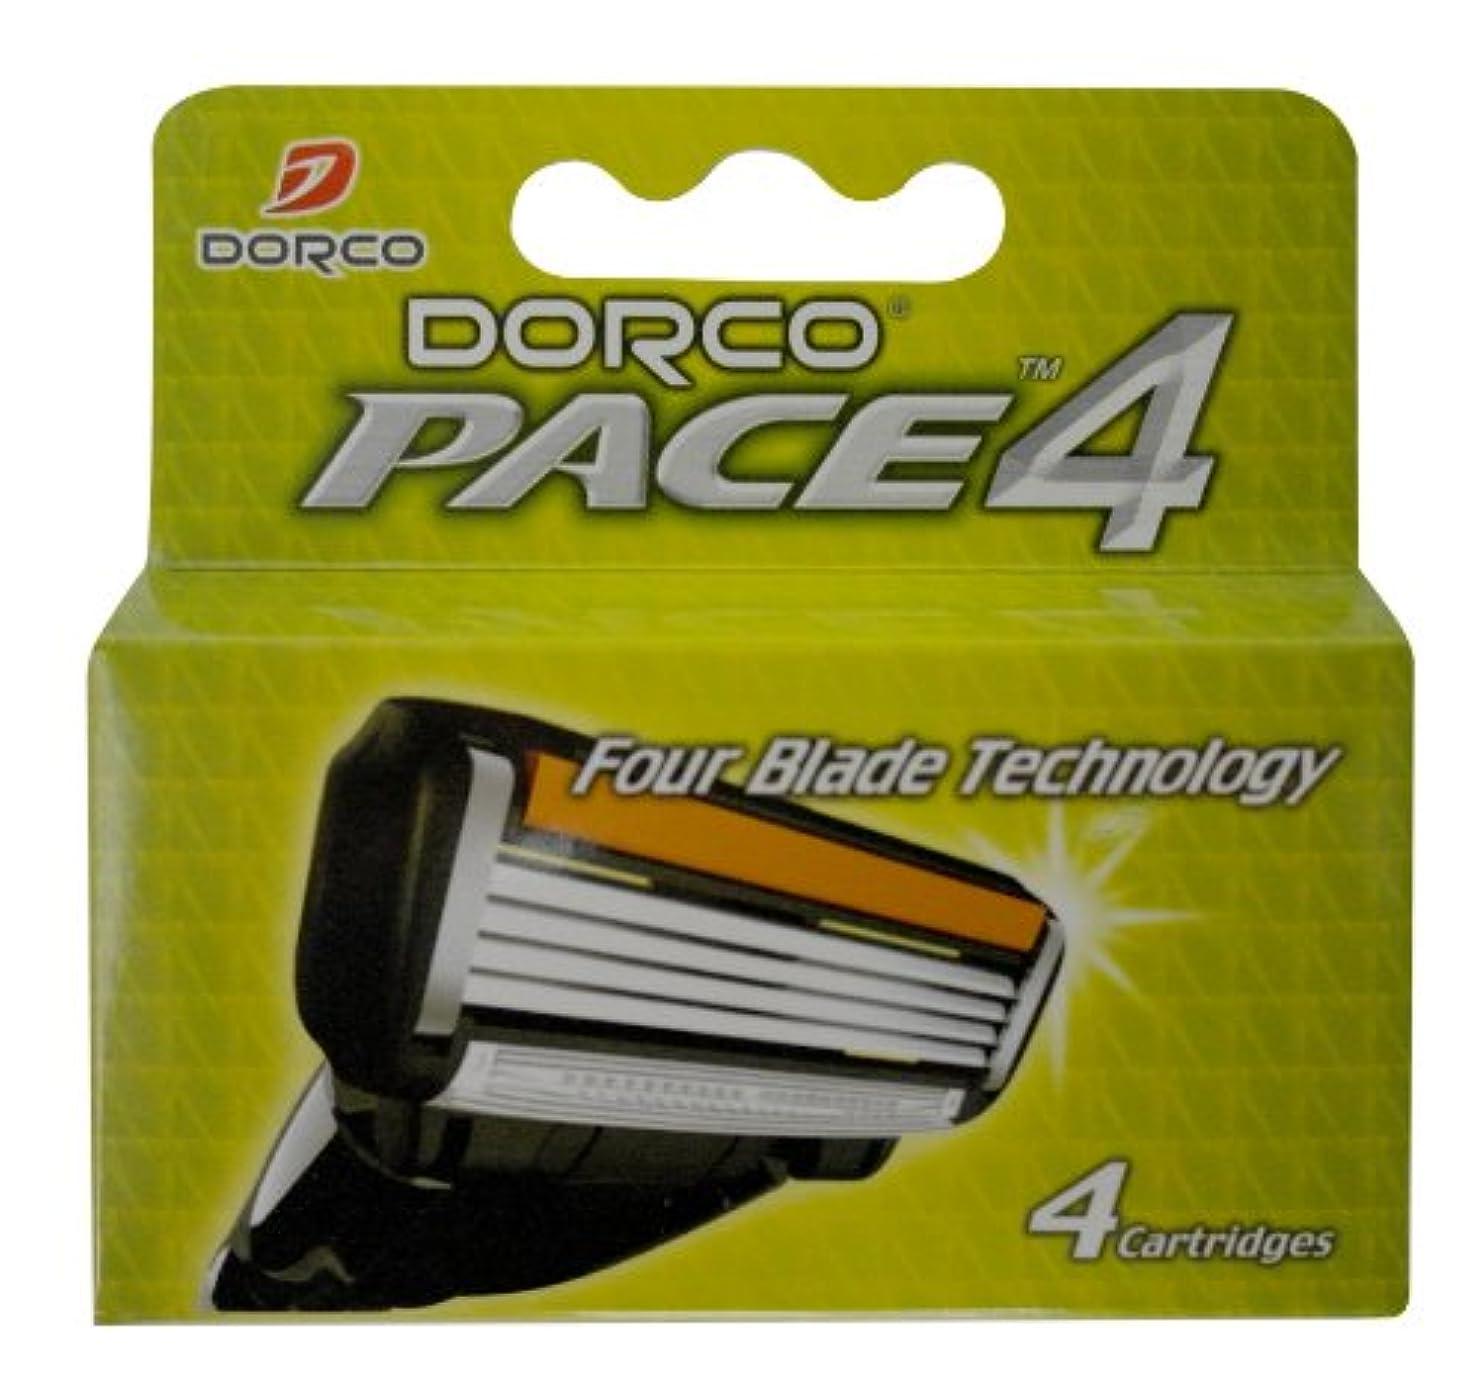 二年生町即席DORCO ドルコ PACE4 男性用替刃式 カミソリ4枚刃 替え刃